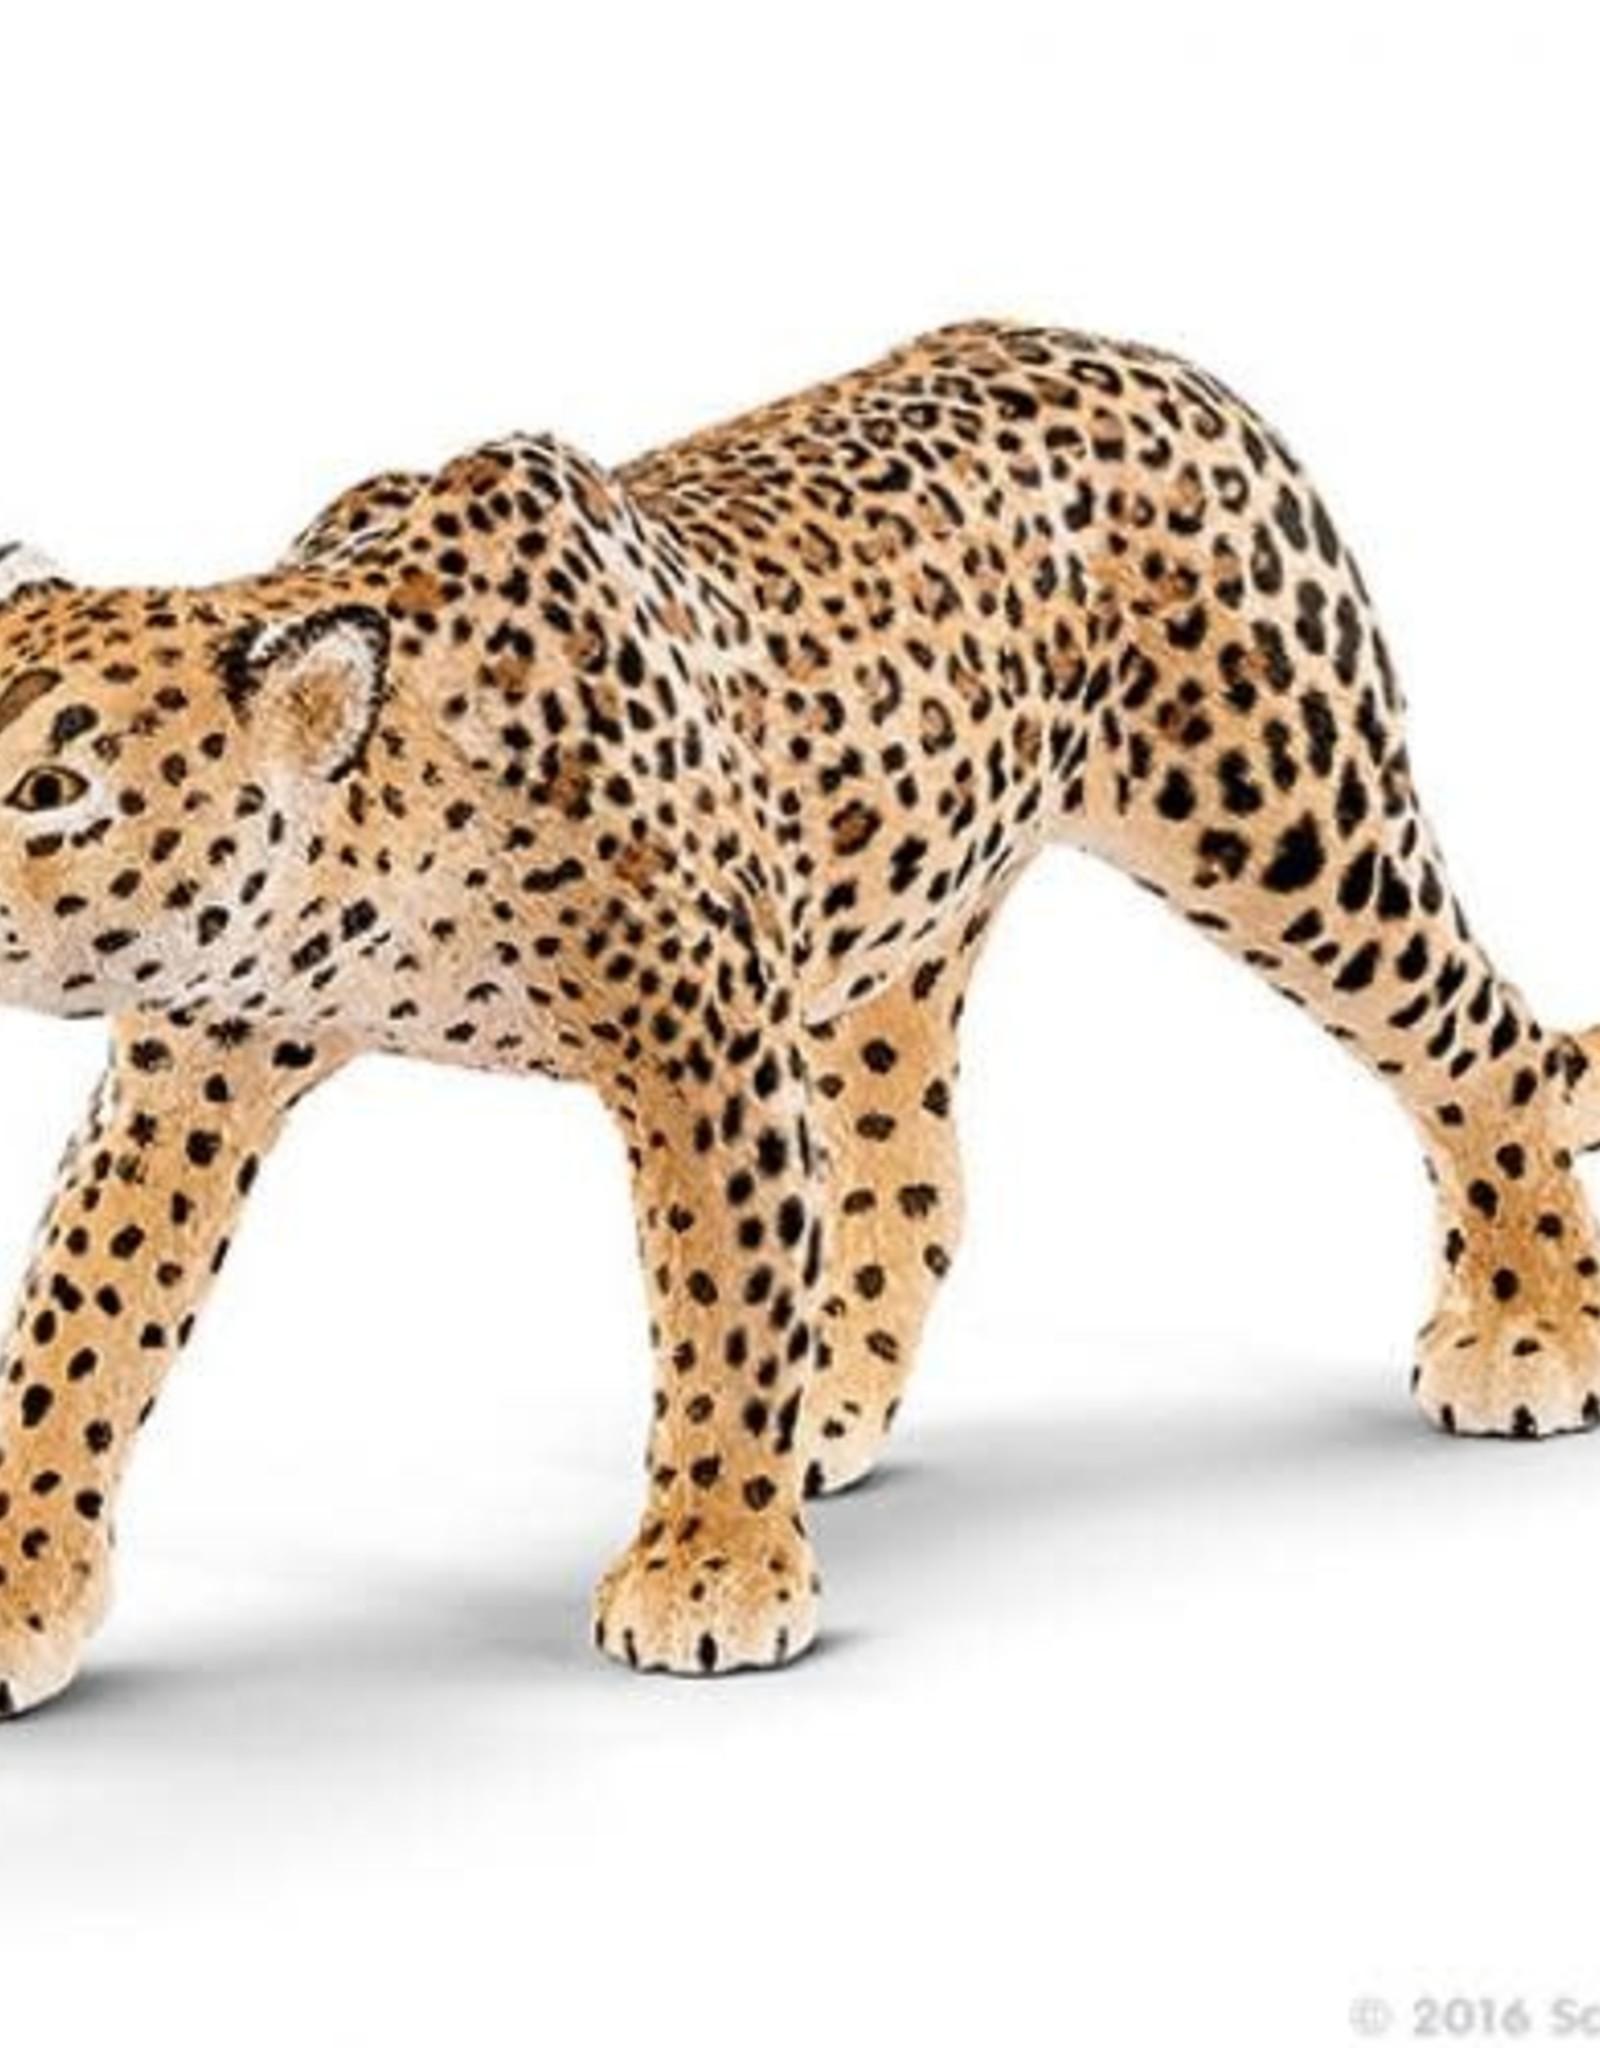 Schleich Schleich Wild Life - Leopard